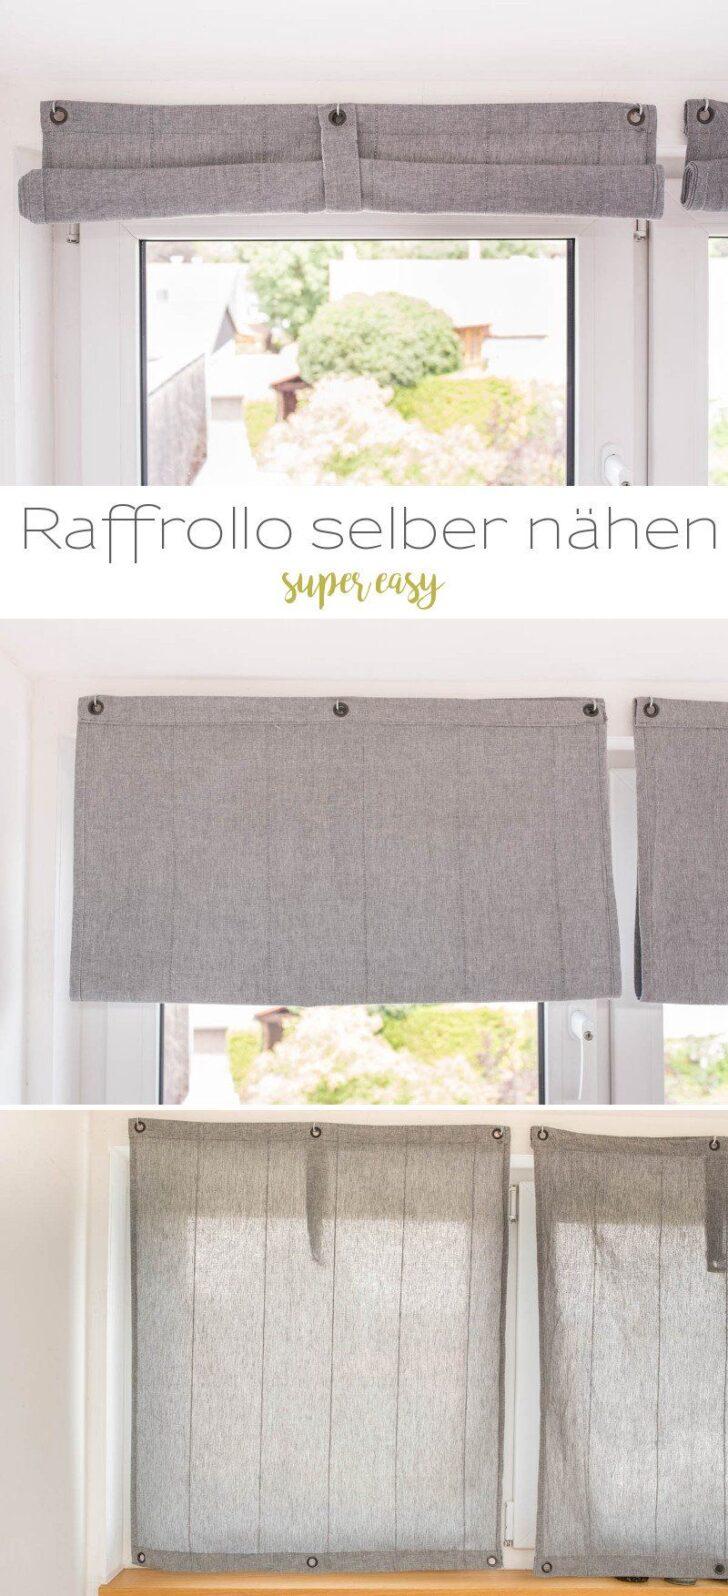 Medium Size of Raffrollo Küchenfenster Diy Einfache Raffrollos Selber Nhen Küche Wohnzimmer Raffrollo Küchenfenster